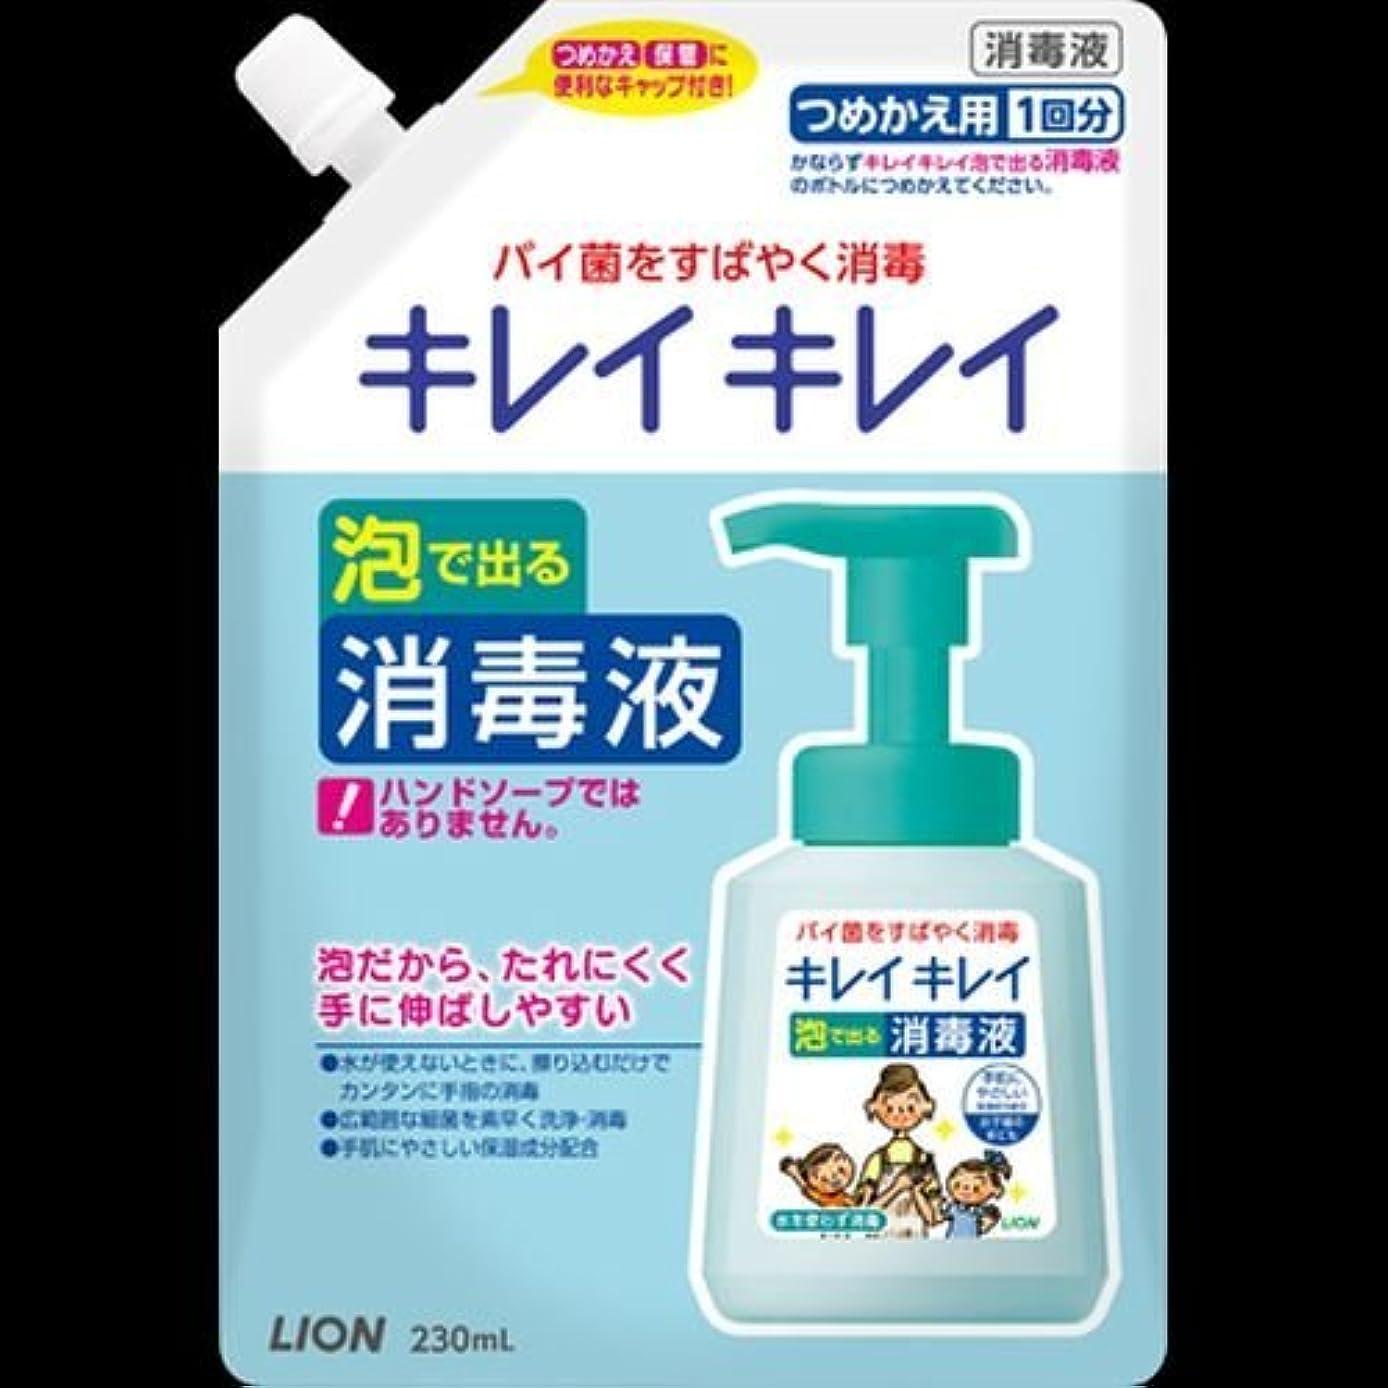 パーティー中国高層ビルキレイキレイ 薬用泡ででる消毒液 つめかえ用 230mL ×2セット